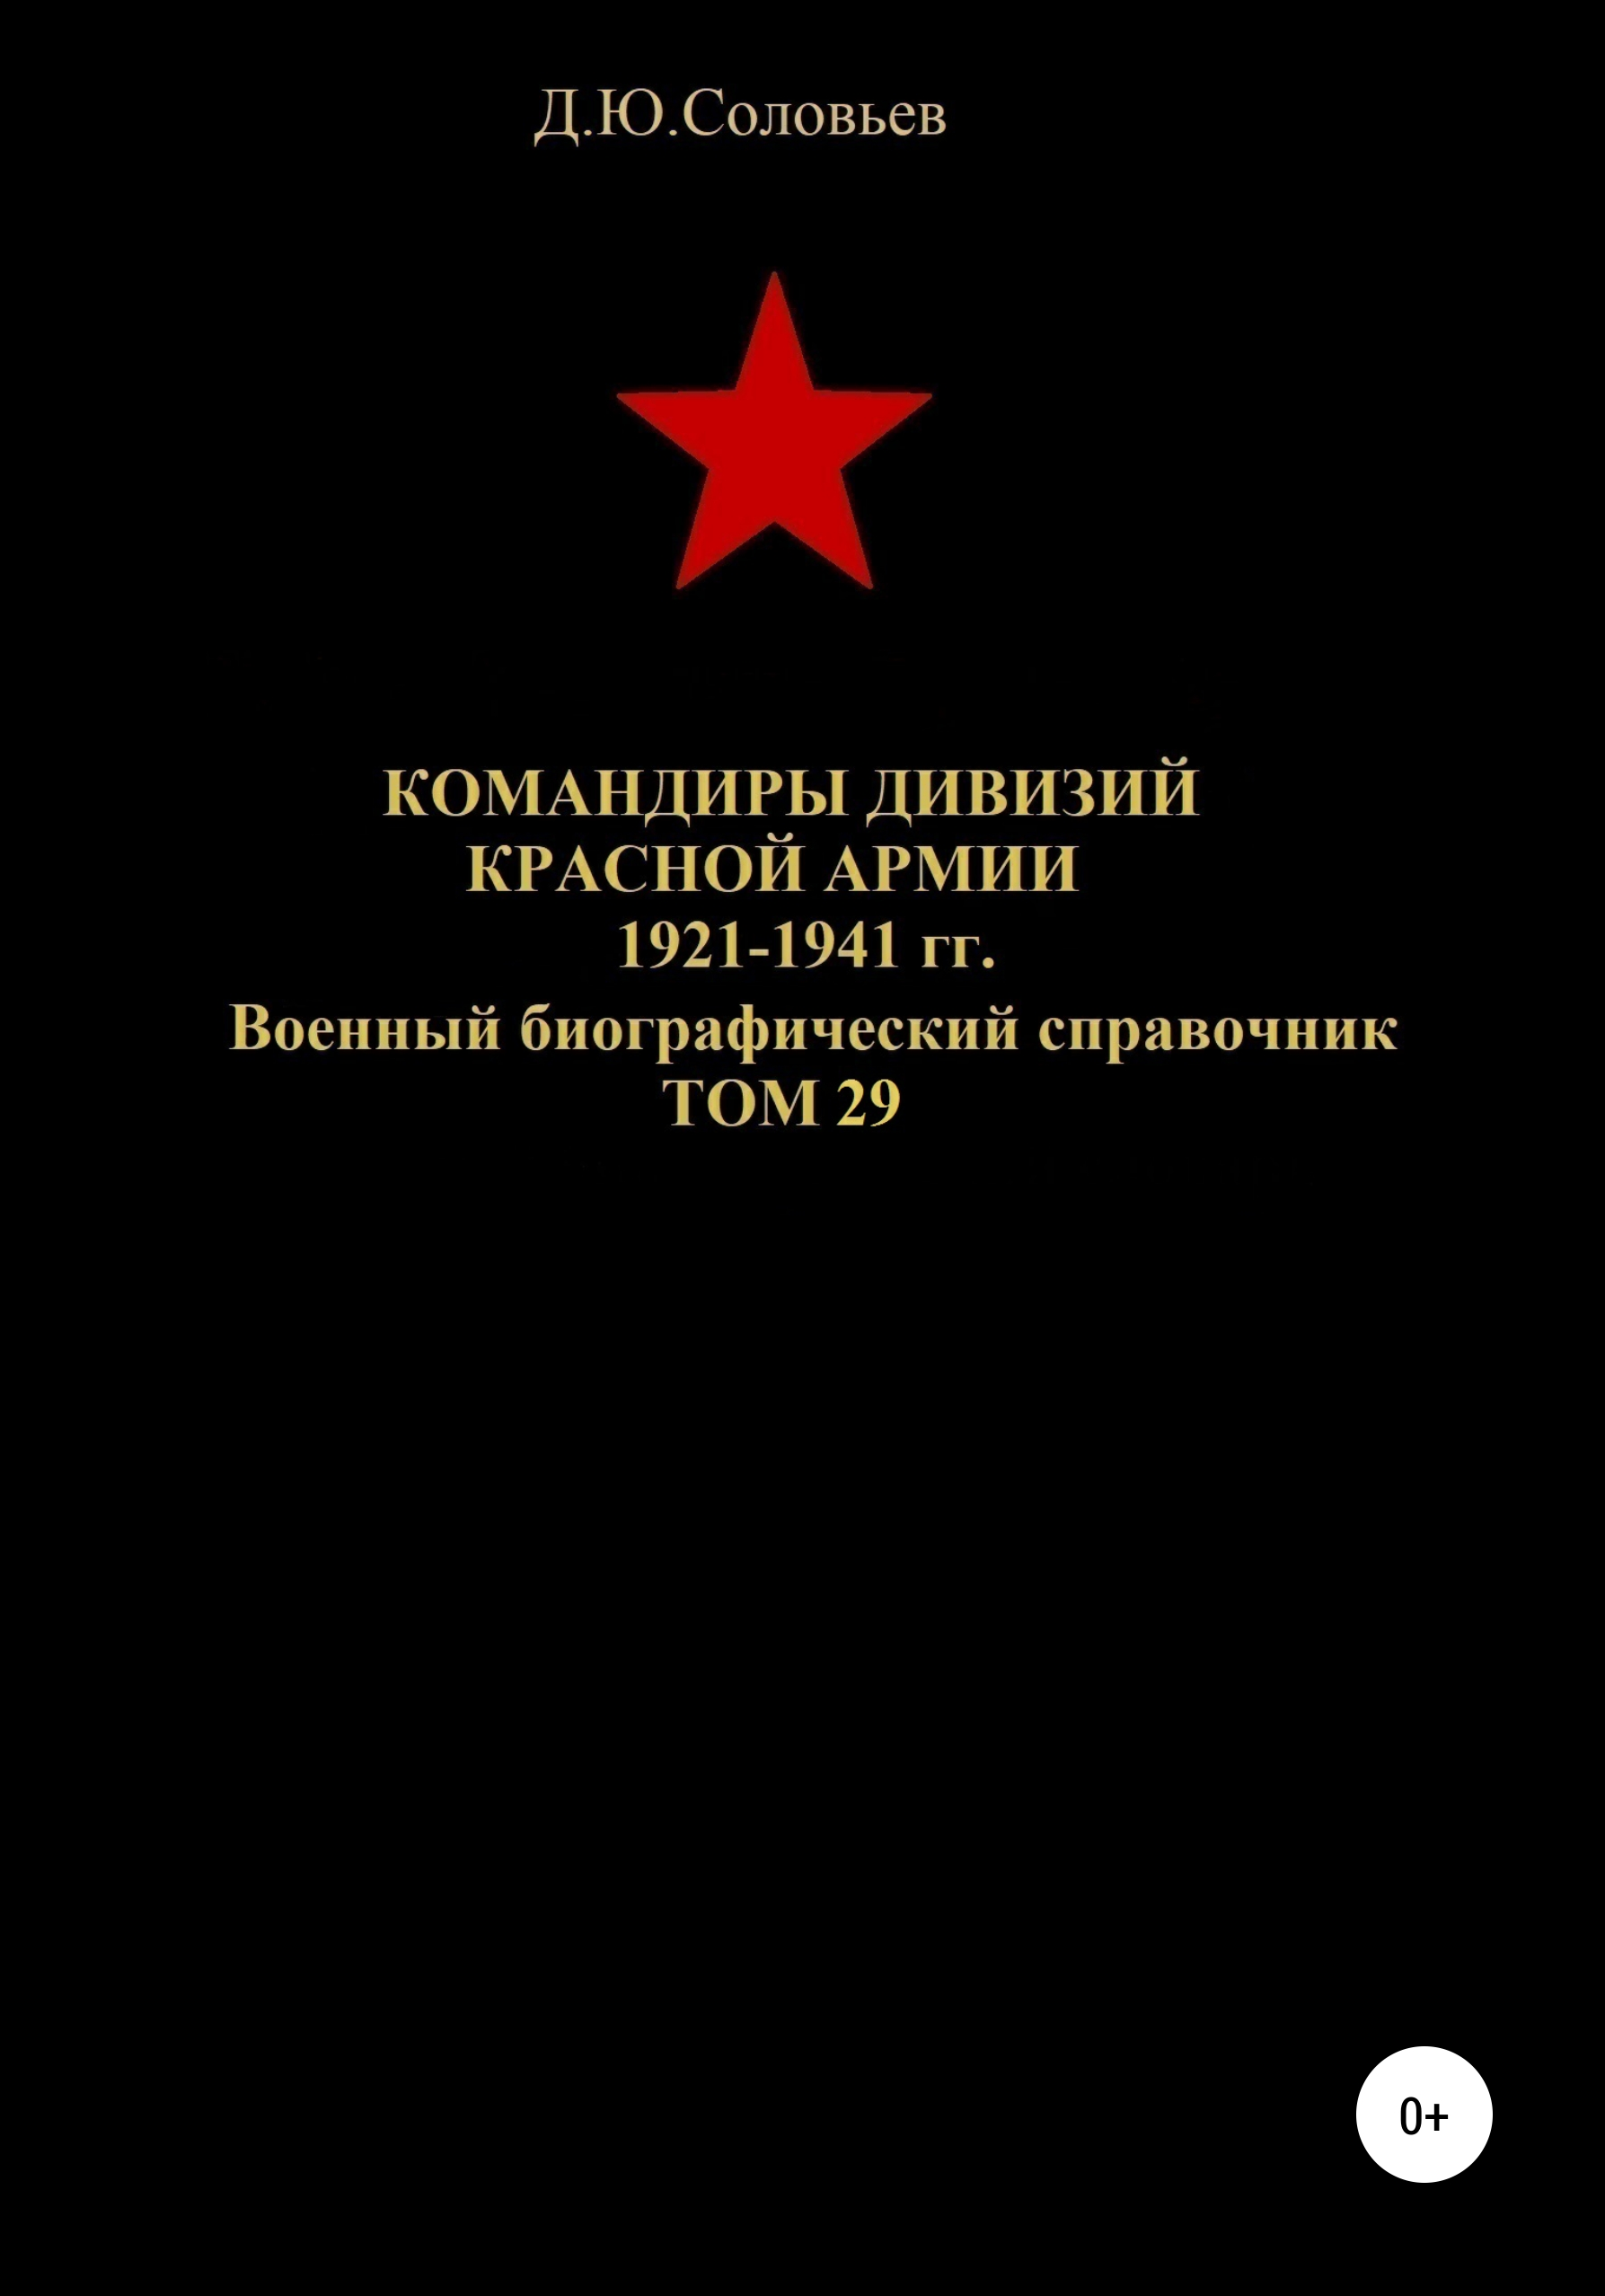 Командиры дивизий Красной Армии 1921-1941 гг. Том 29